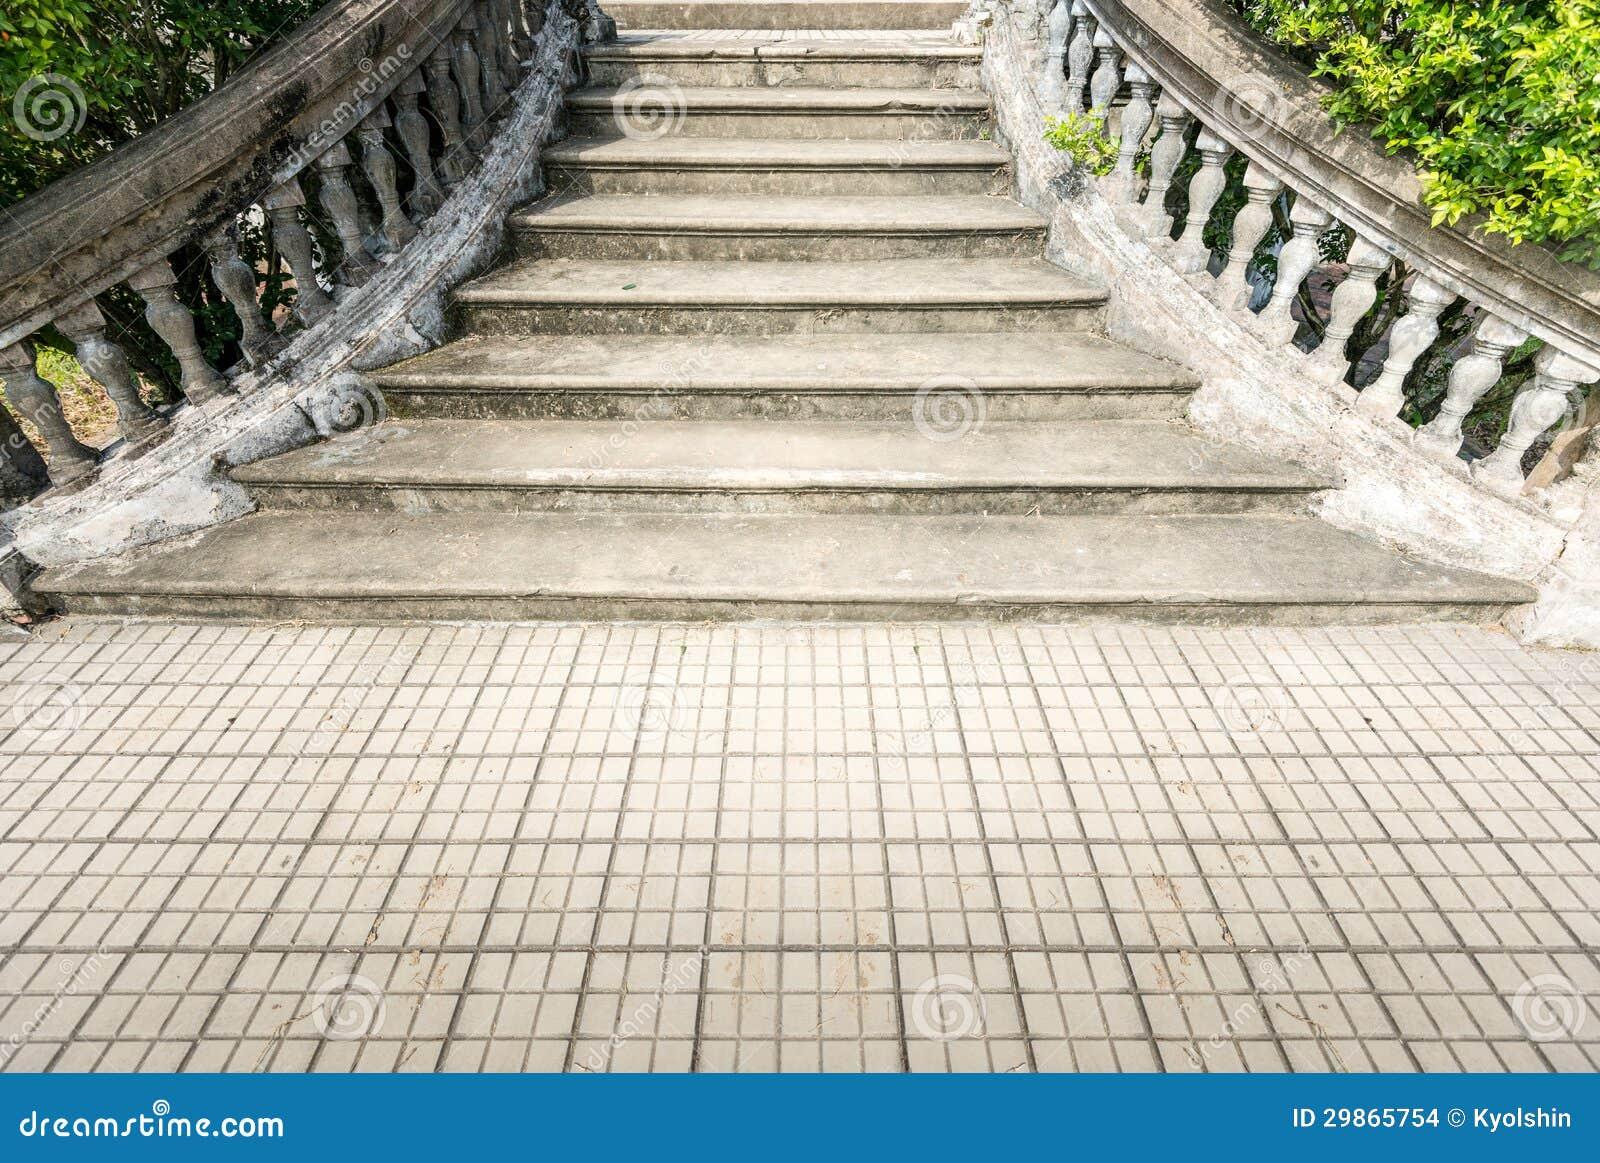 Vieil escalier en pierre sale ext rieur en t images for Escalier exterieur pierre